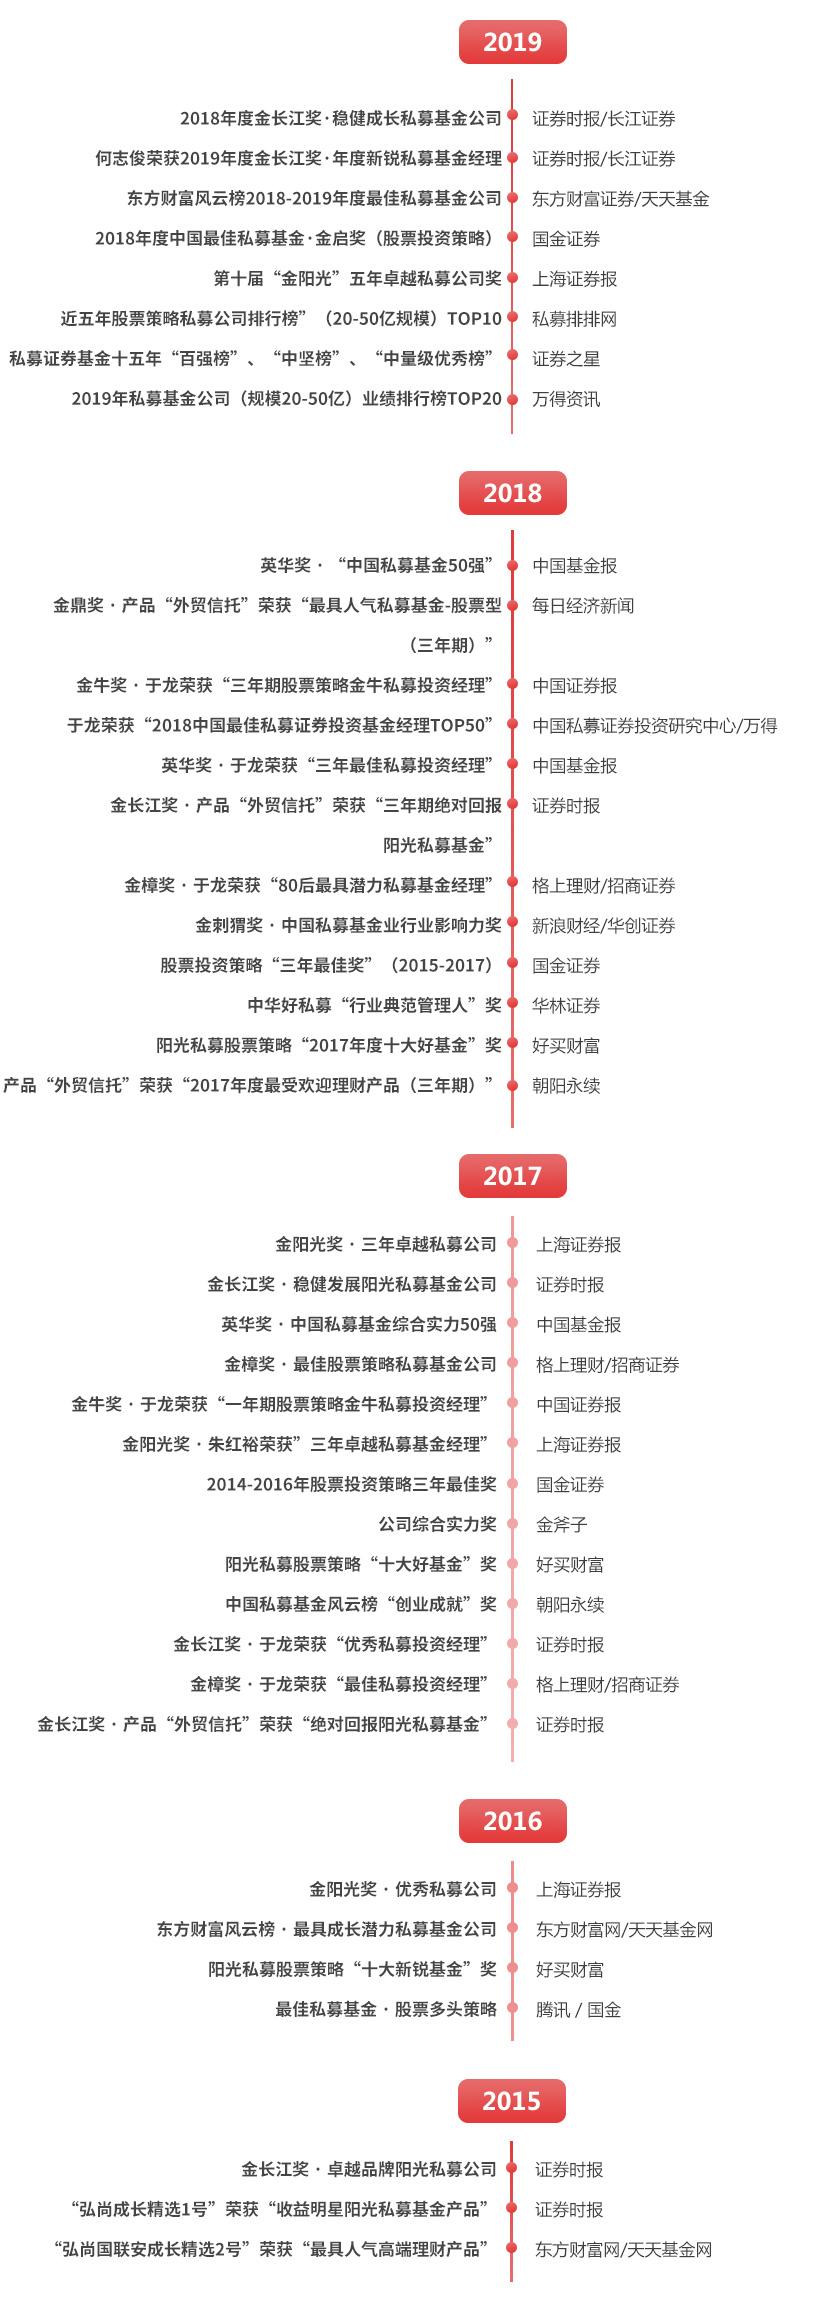 hongshang奖项_02.jpg